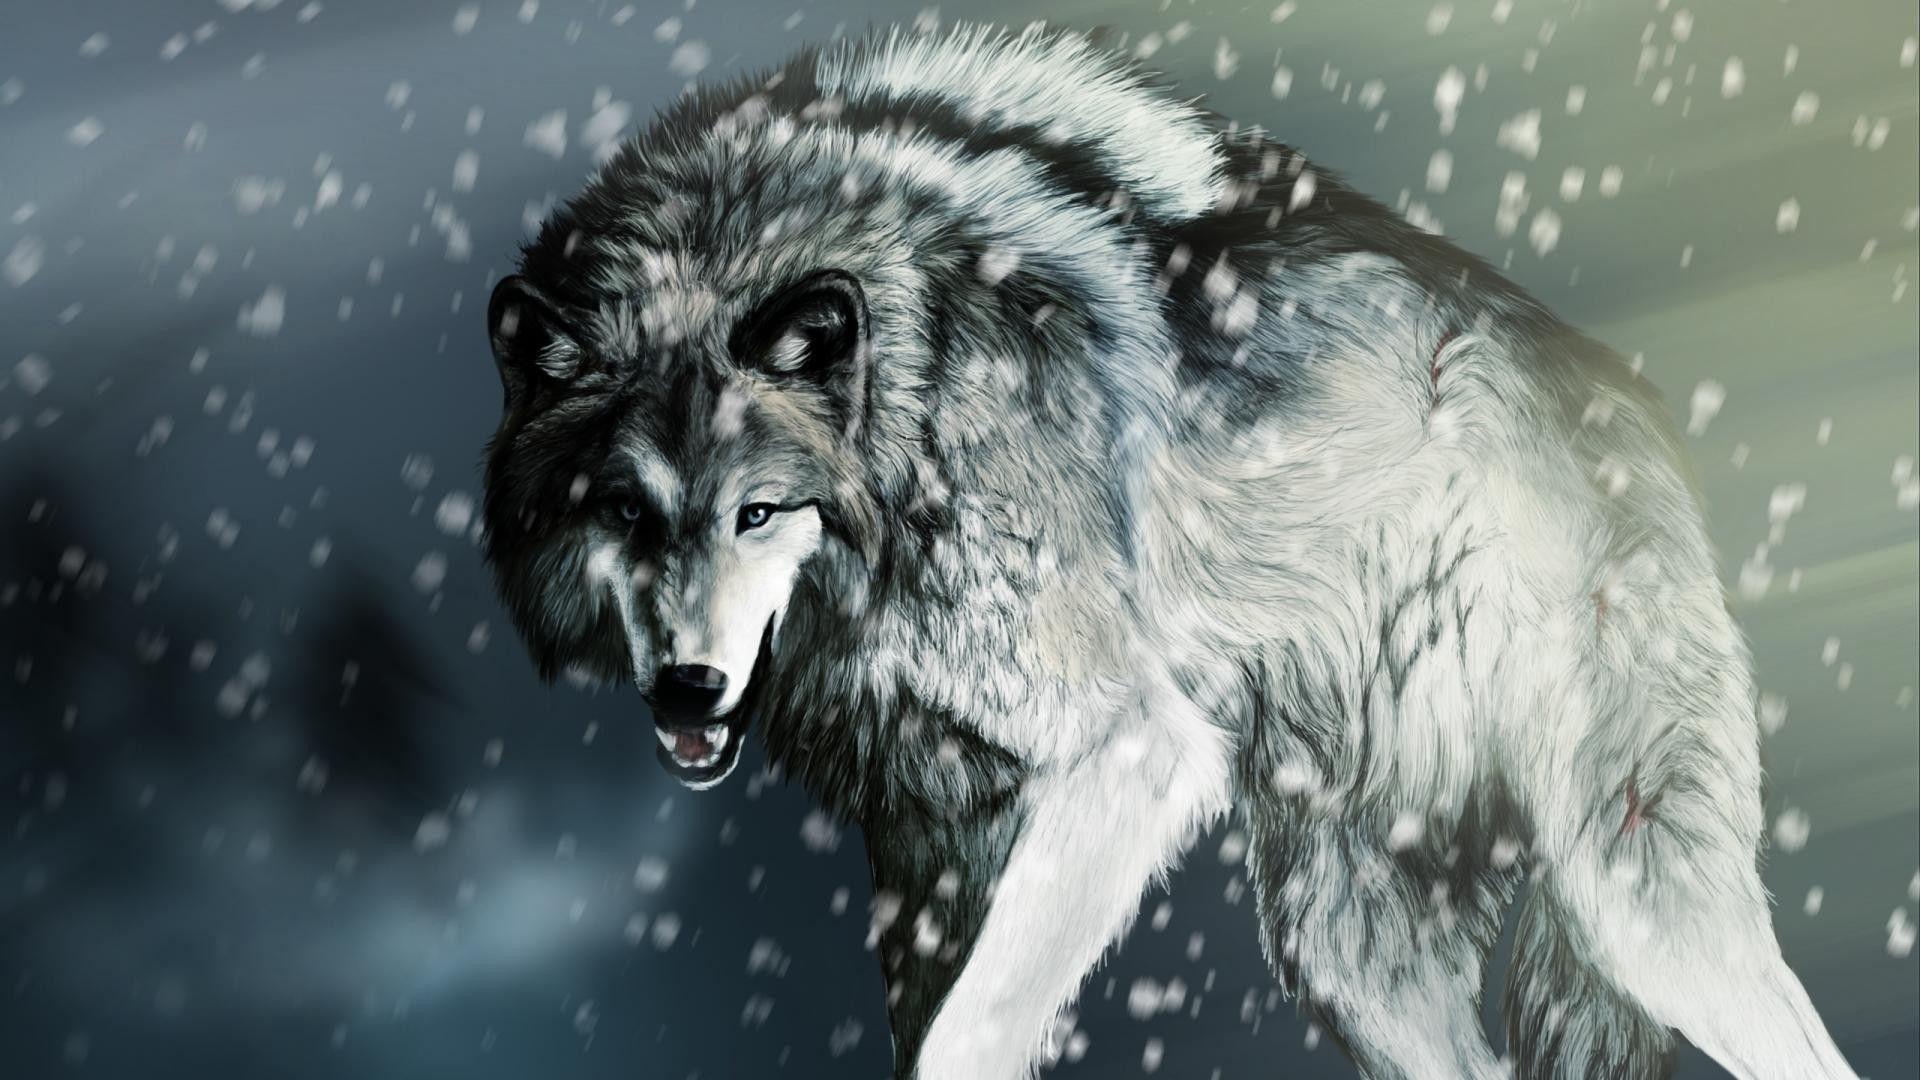 Elegant Wolf Wallpaper Hd 4k Di 2020 Dengan Gambar